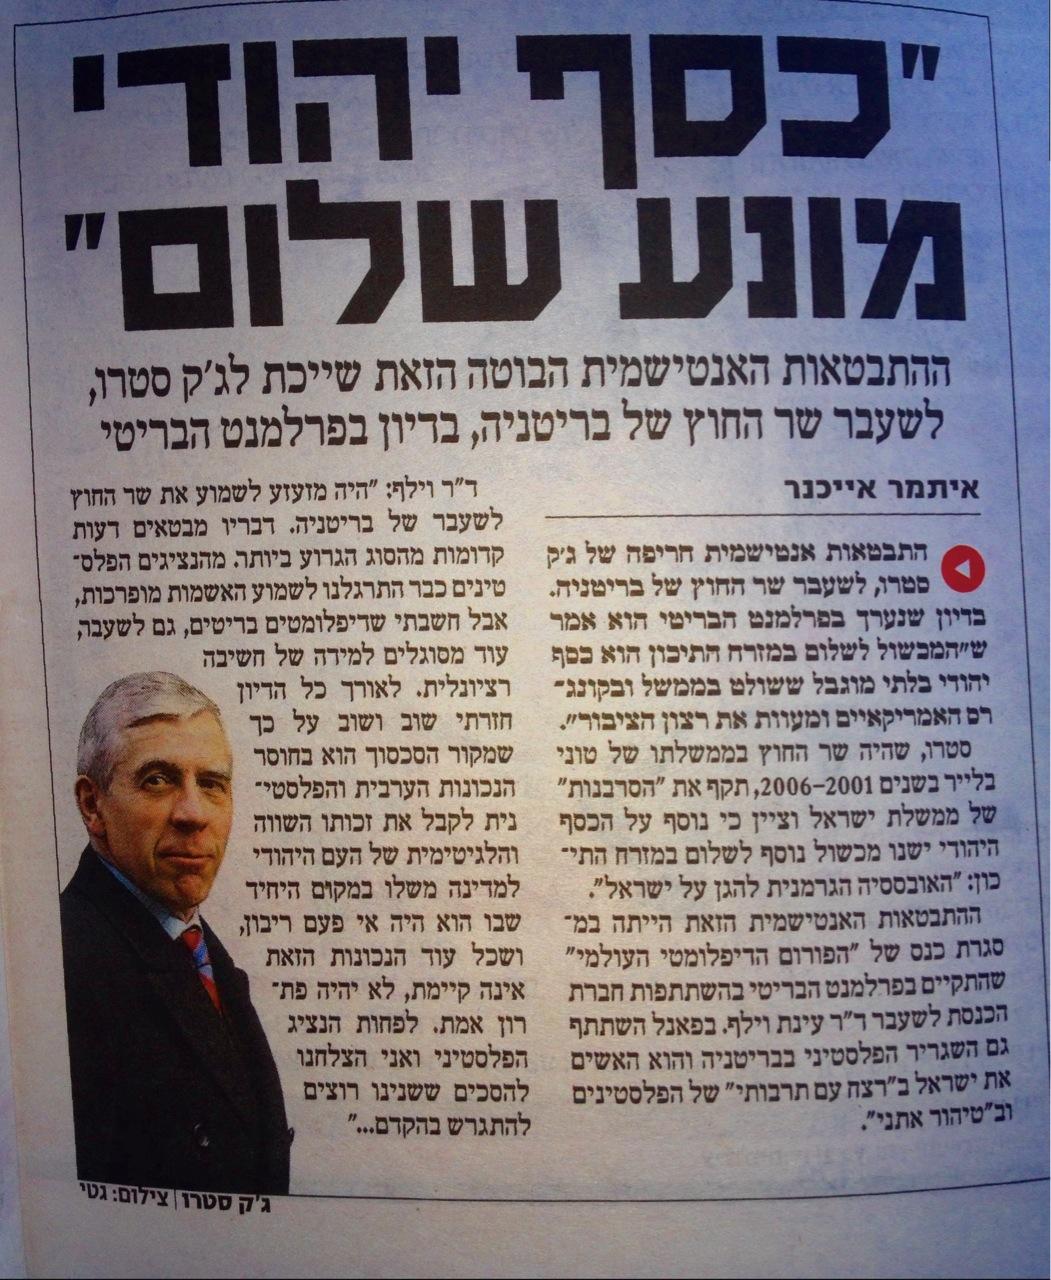 כסף יהודי מונע שלום